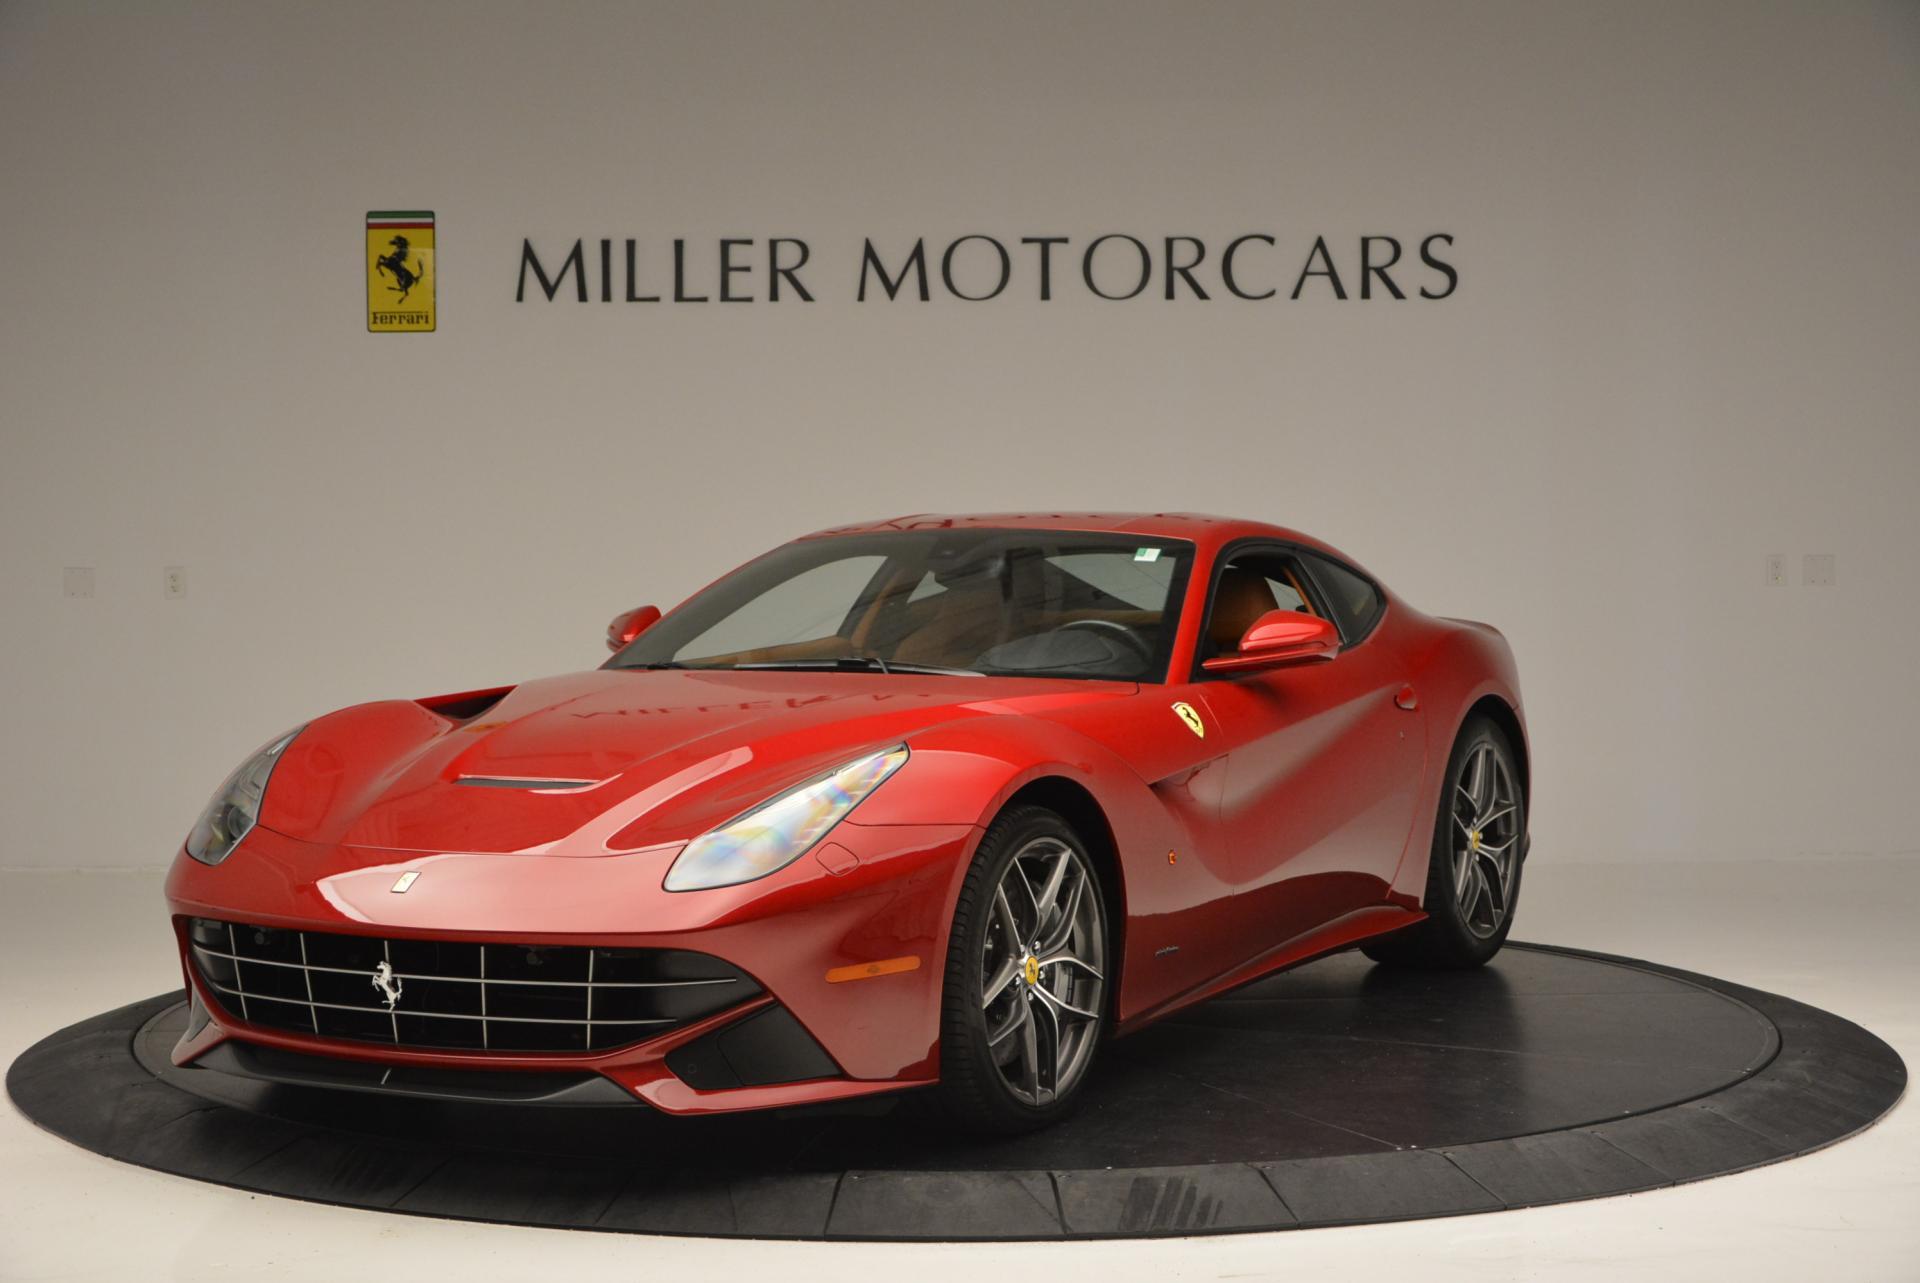 Used 2014 Ferrari F12 Berlinetta  For Sale In Greenwich, CT. Alfa Romeo of Greenwich, 4393 149_main